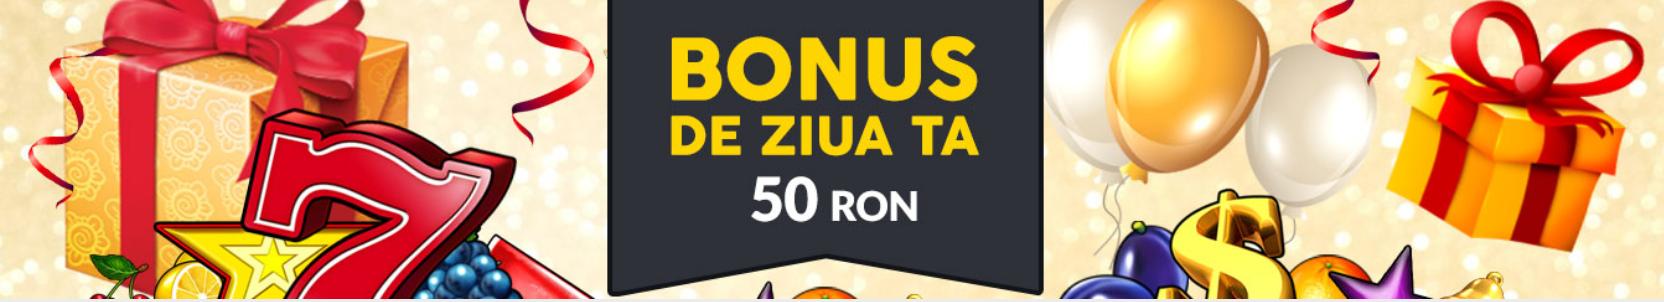 Bonus 50 ron de ziua ta la Winbet